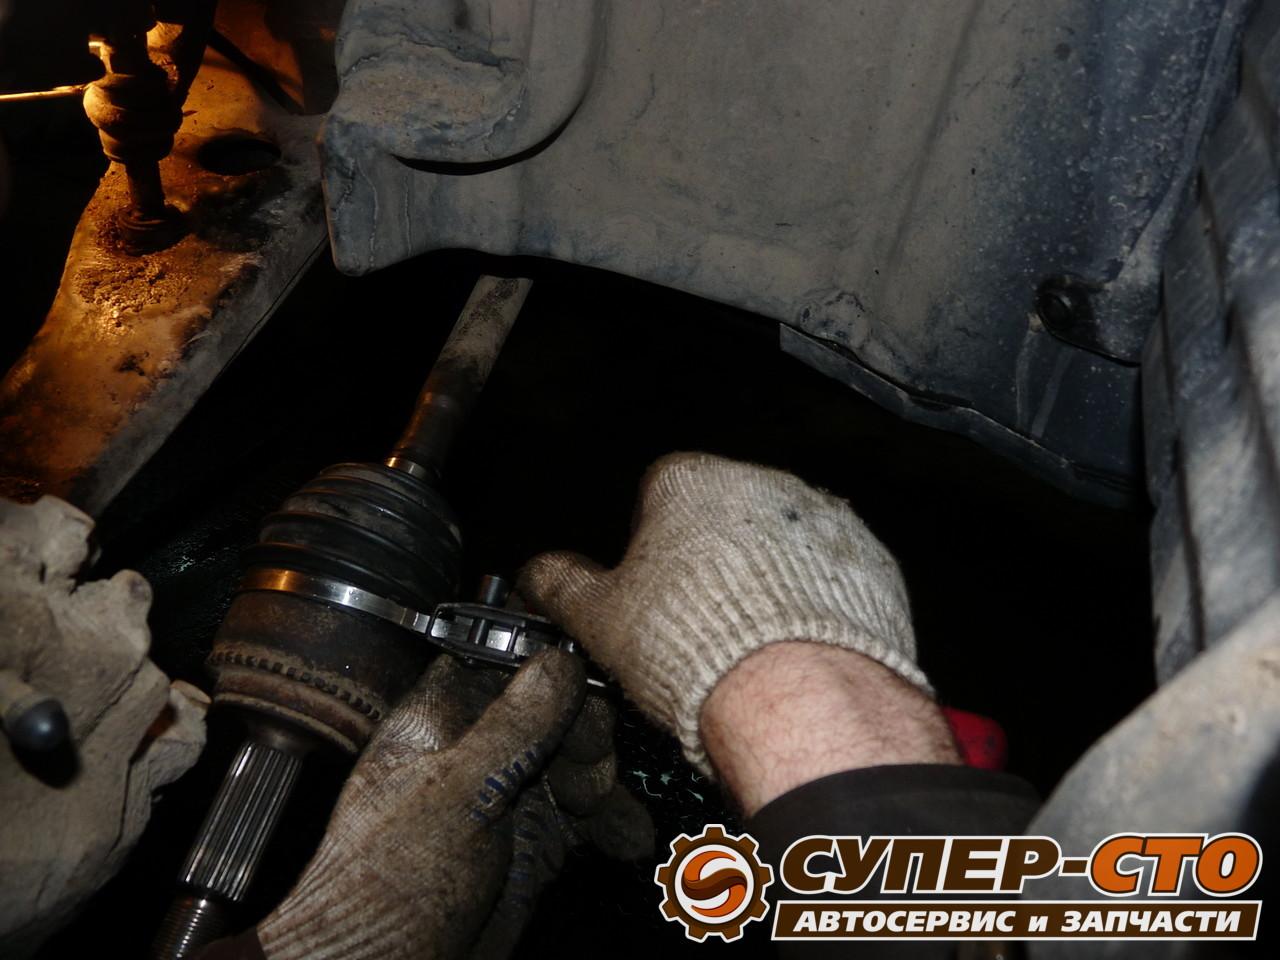 Замена пыльника внешнего шруса форд фокус 2 своими руками 33